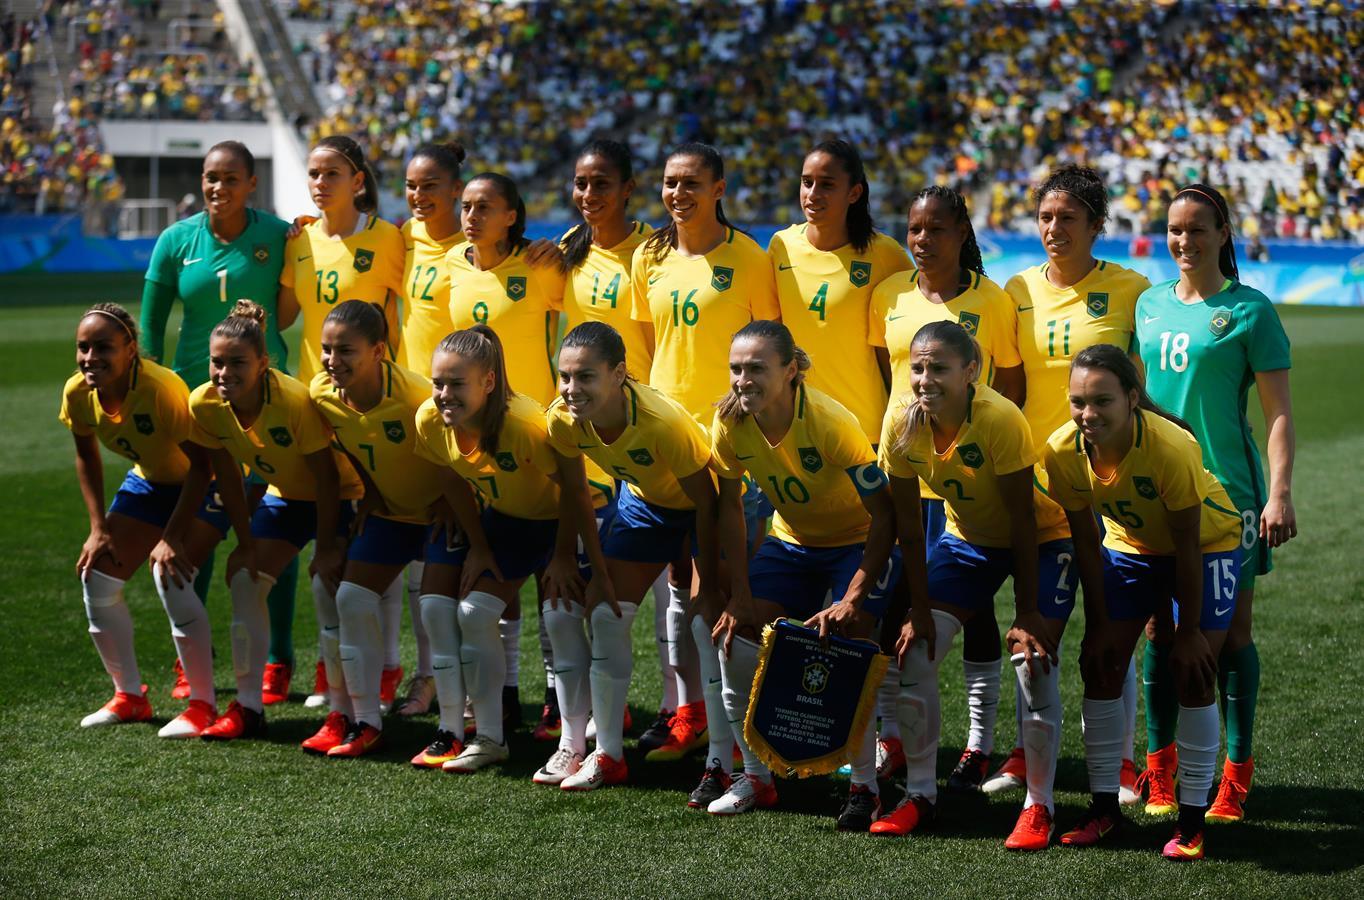 Le Brésil (photo Alexandre Schneider)